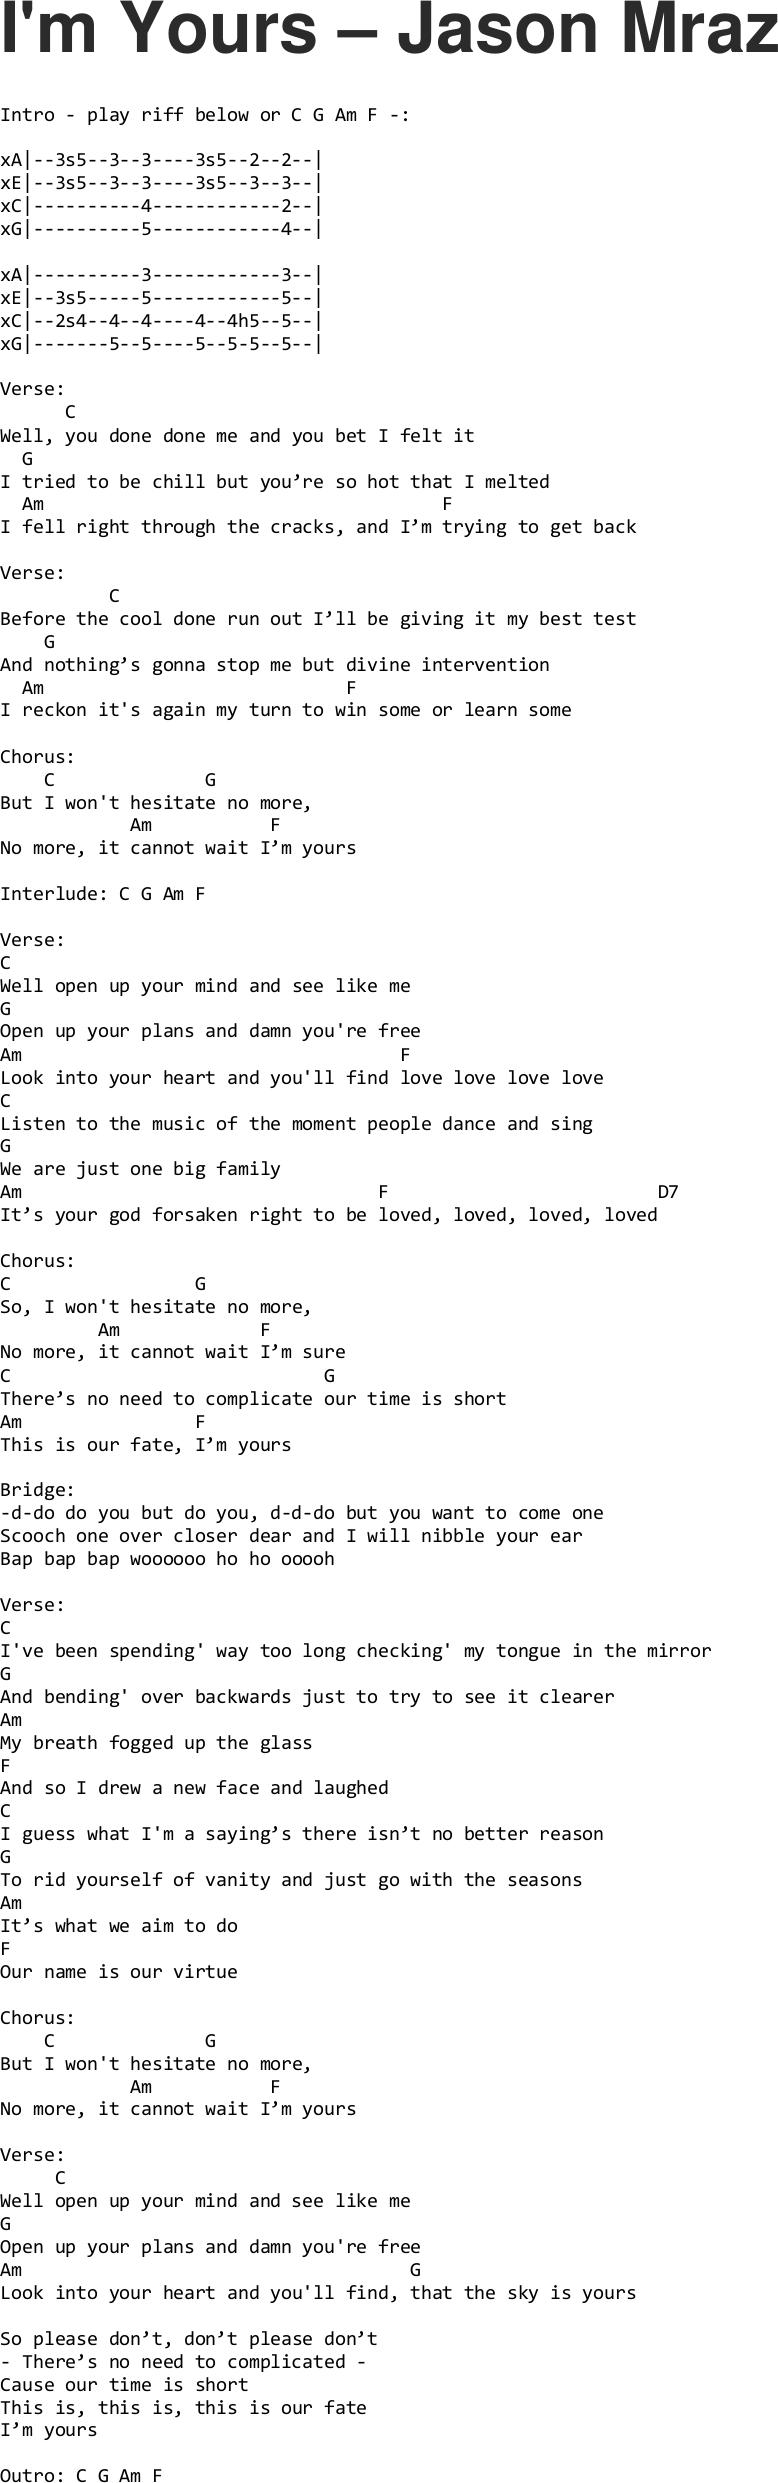 I AM MRAZ JASON BAIXAR YOURS MUSICA